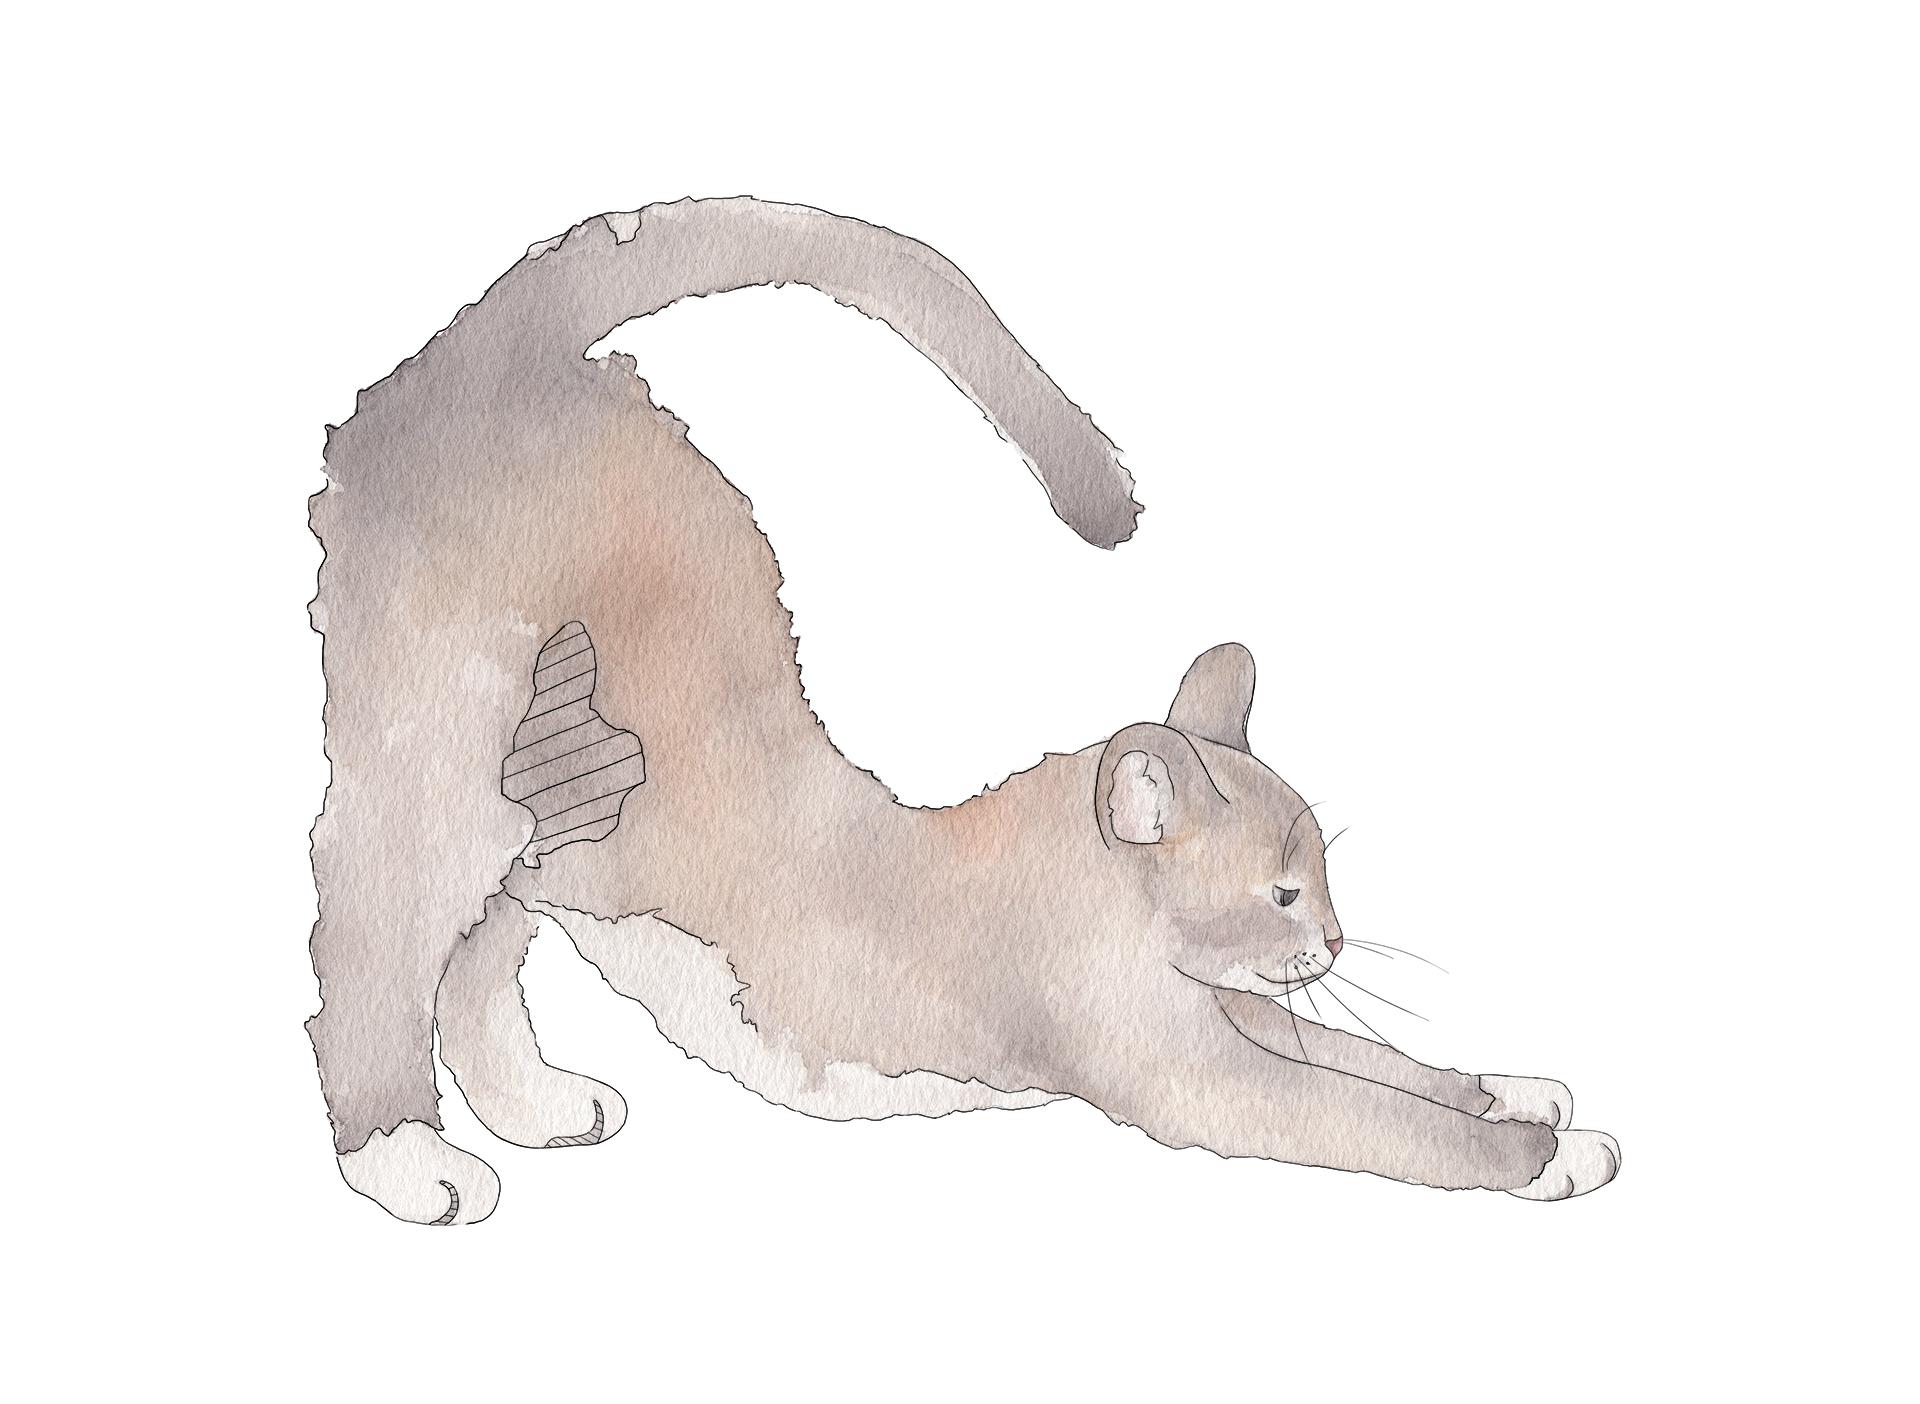 Equili Illustration: Burnout